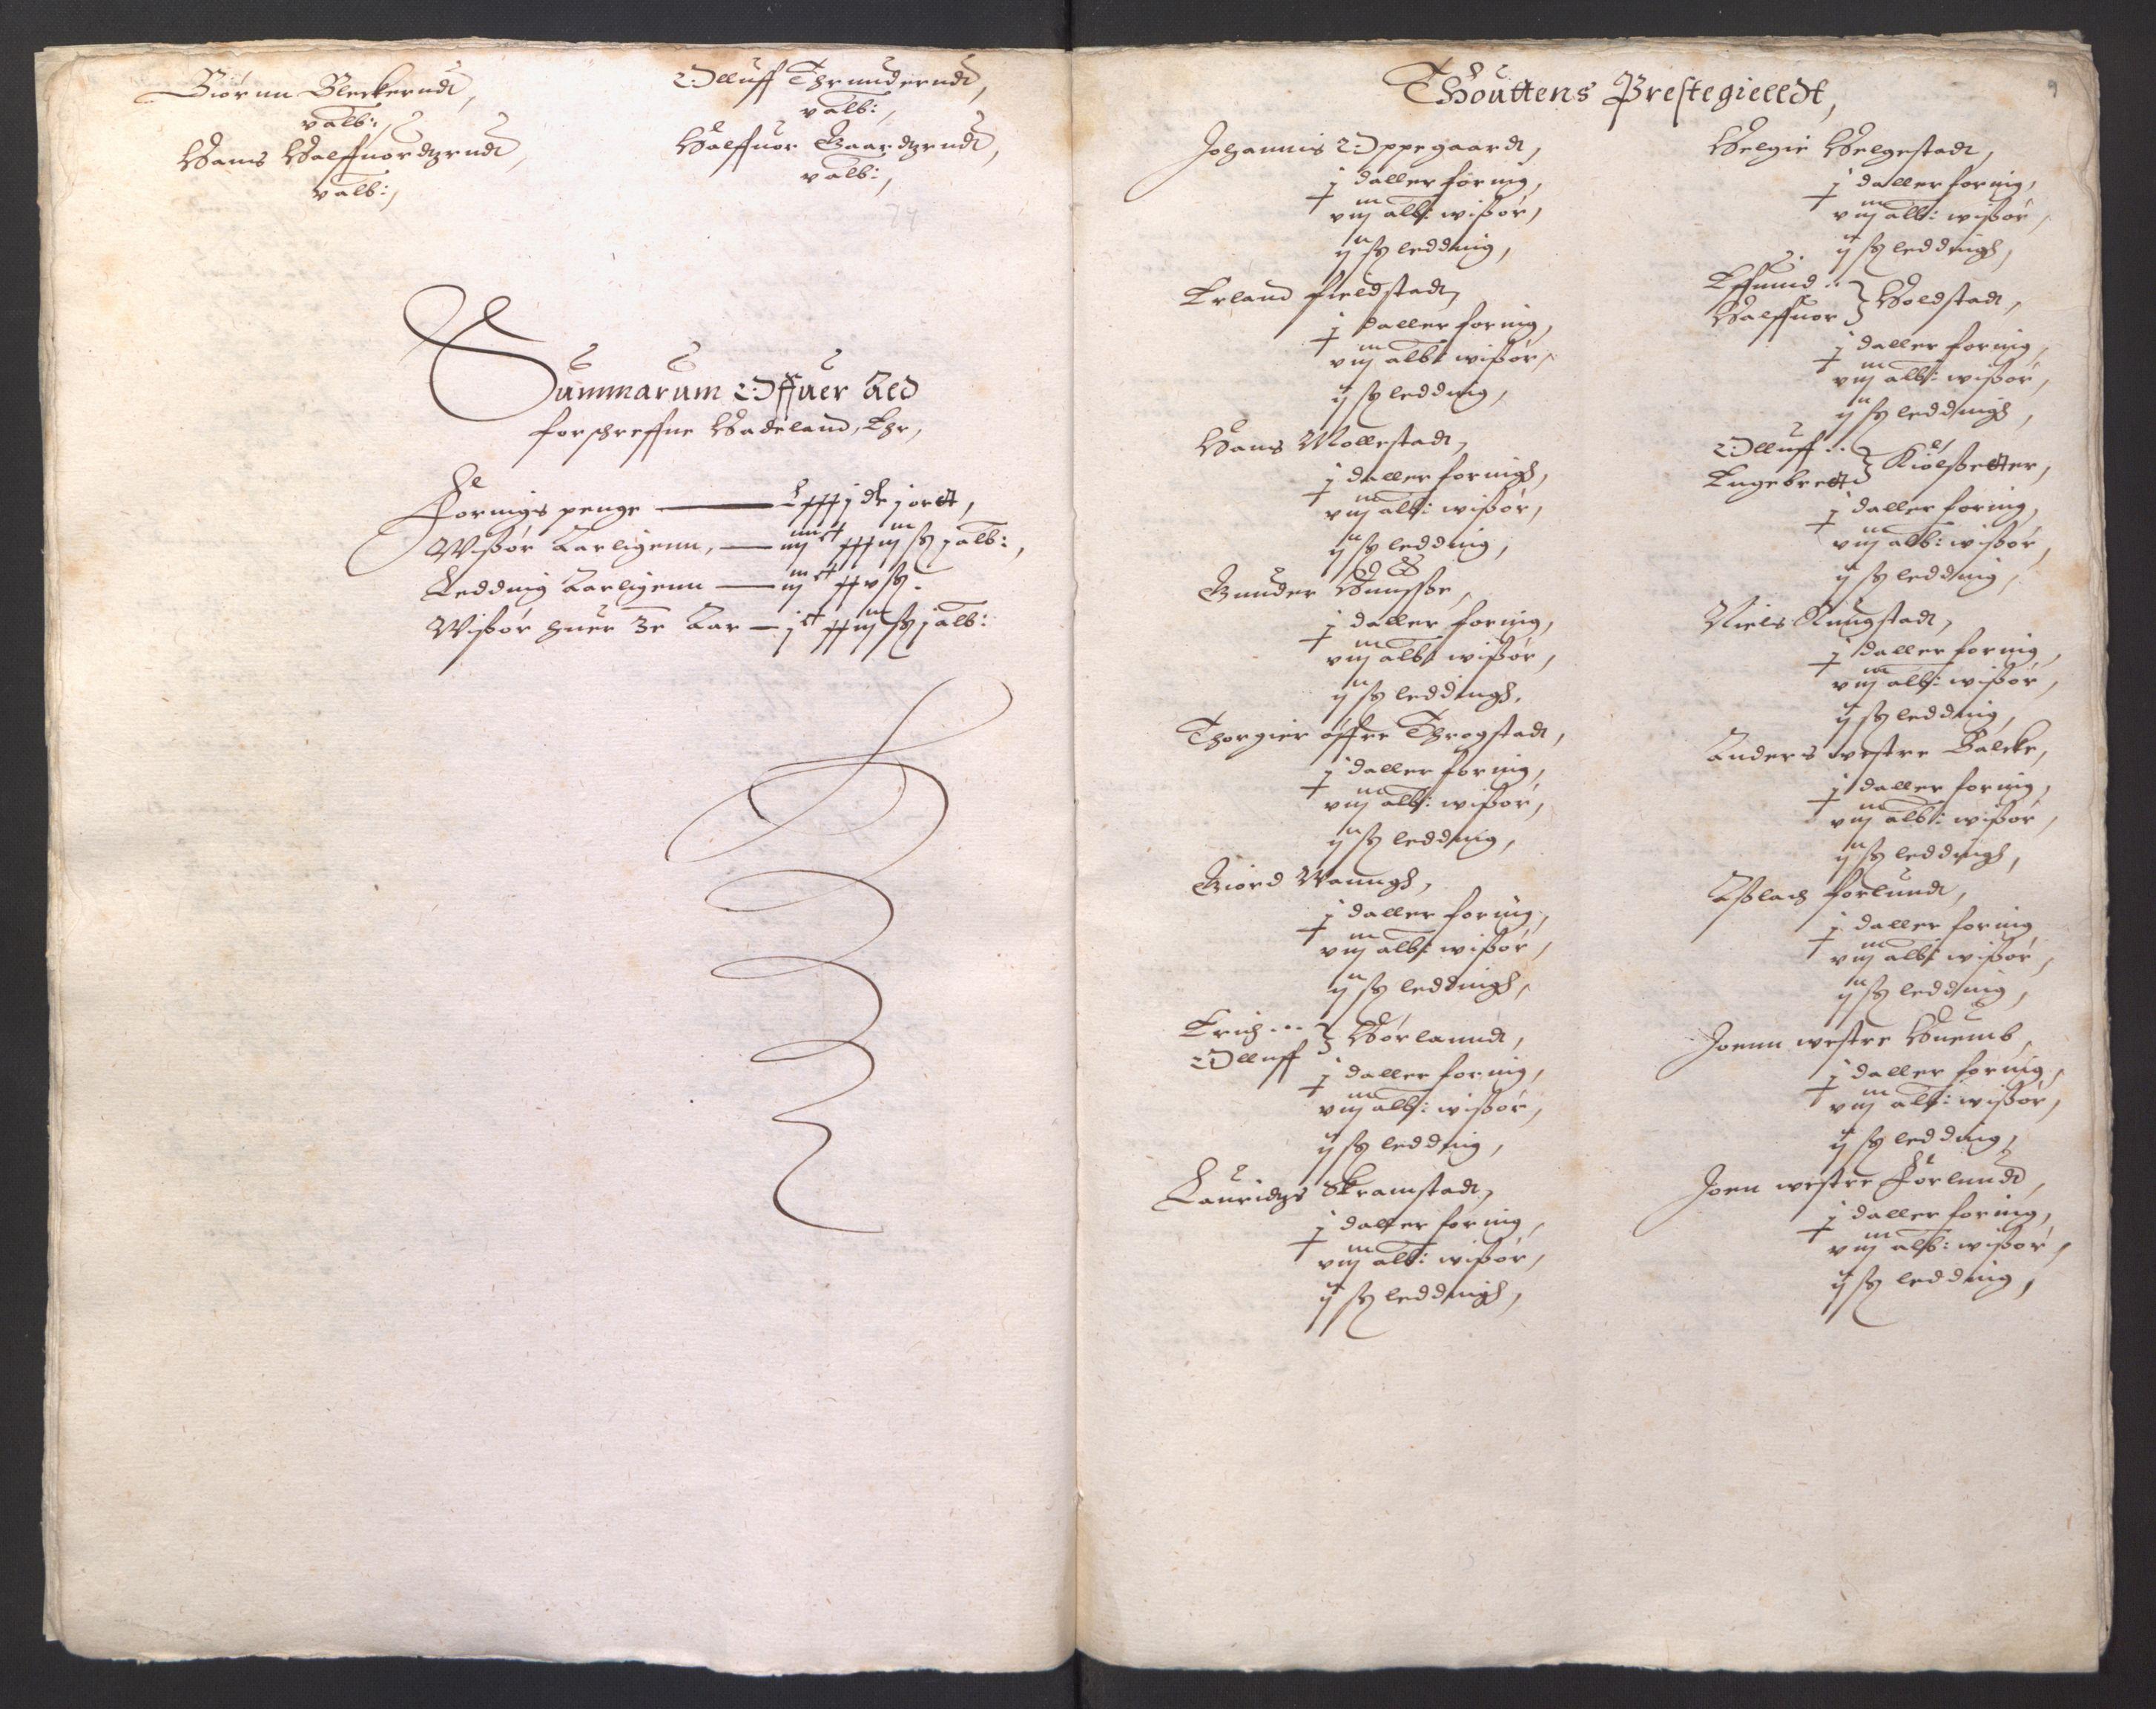 RA, Stattholderembetet 1572-1771, Ek/L0001: Jordebøker før 1624 og til utligning av garnisonsskatt 1624-1626:, 1624-1625, s. 75